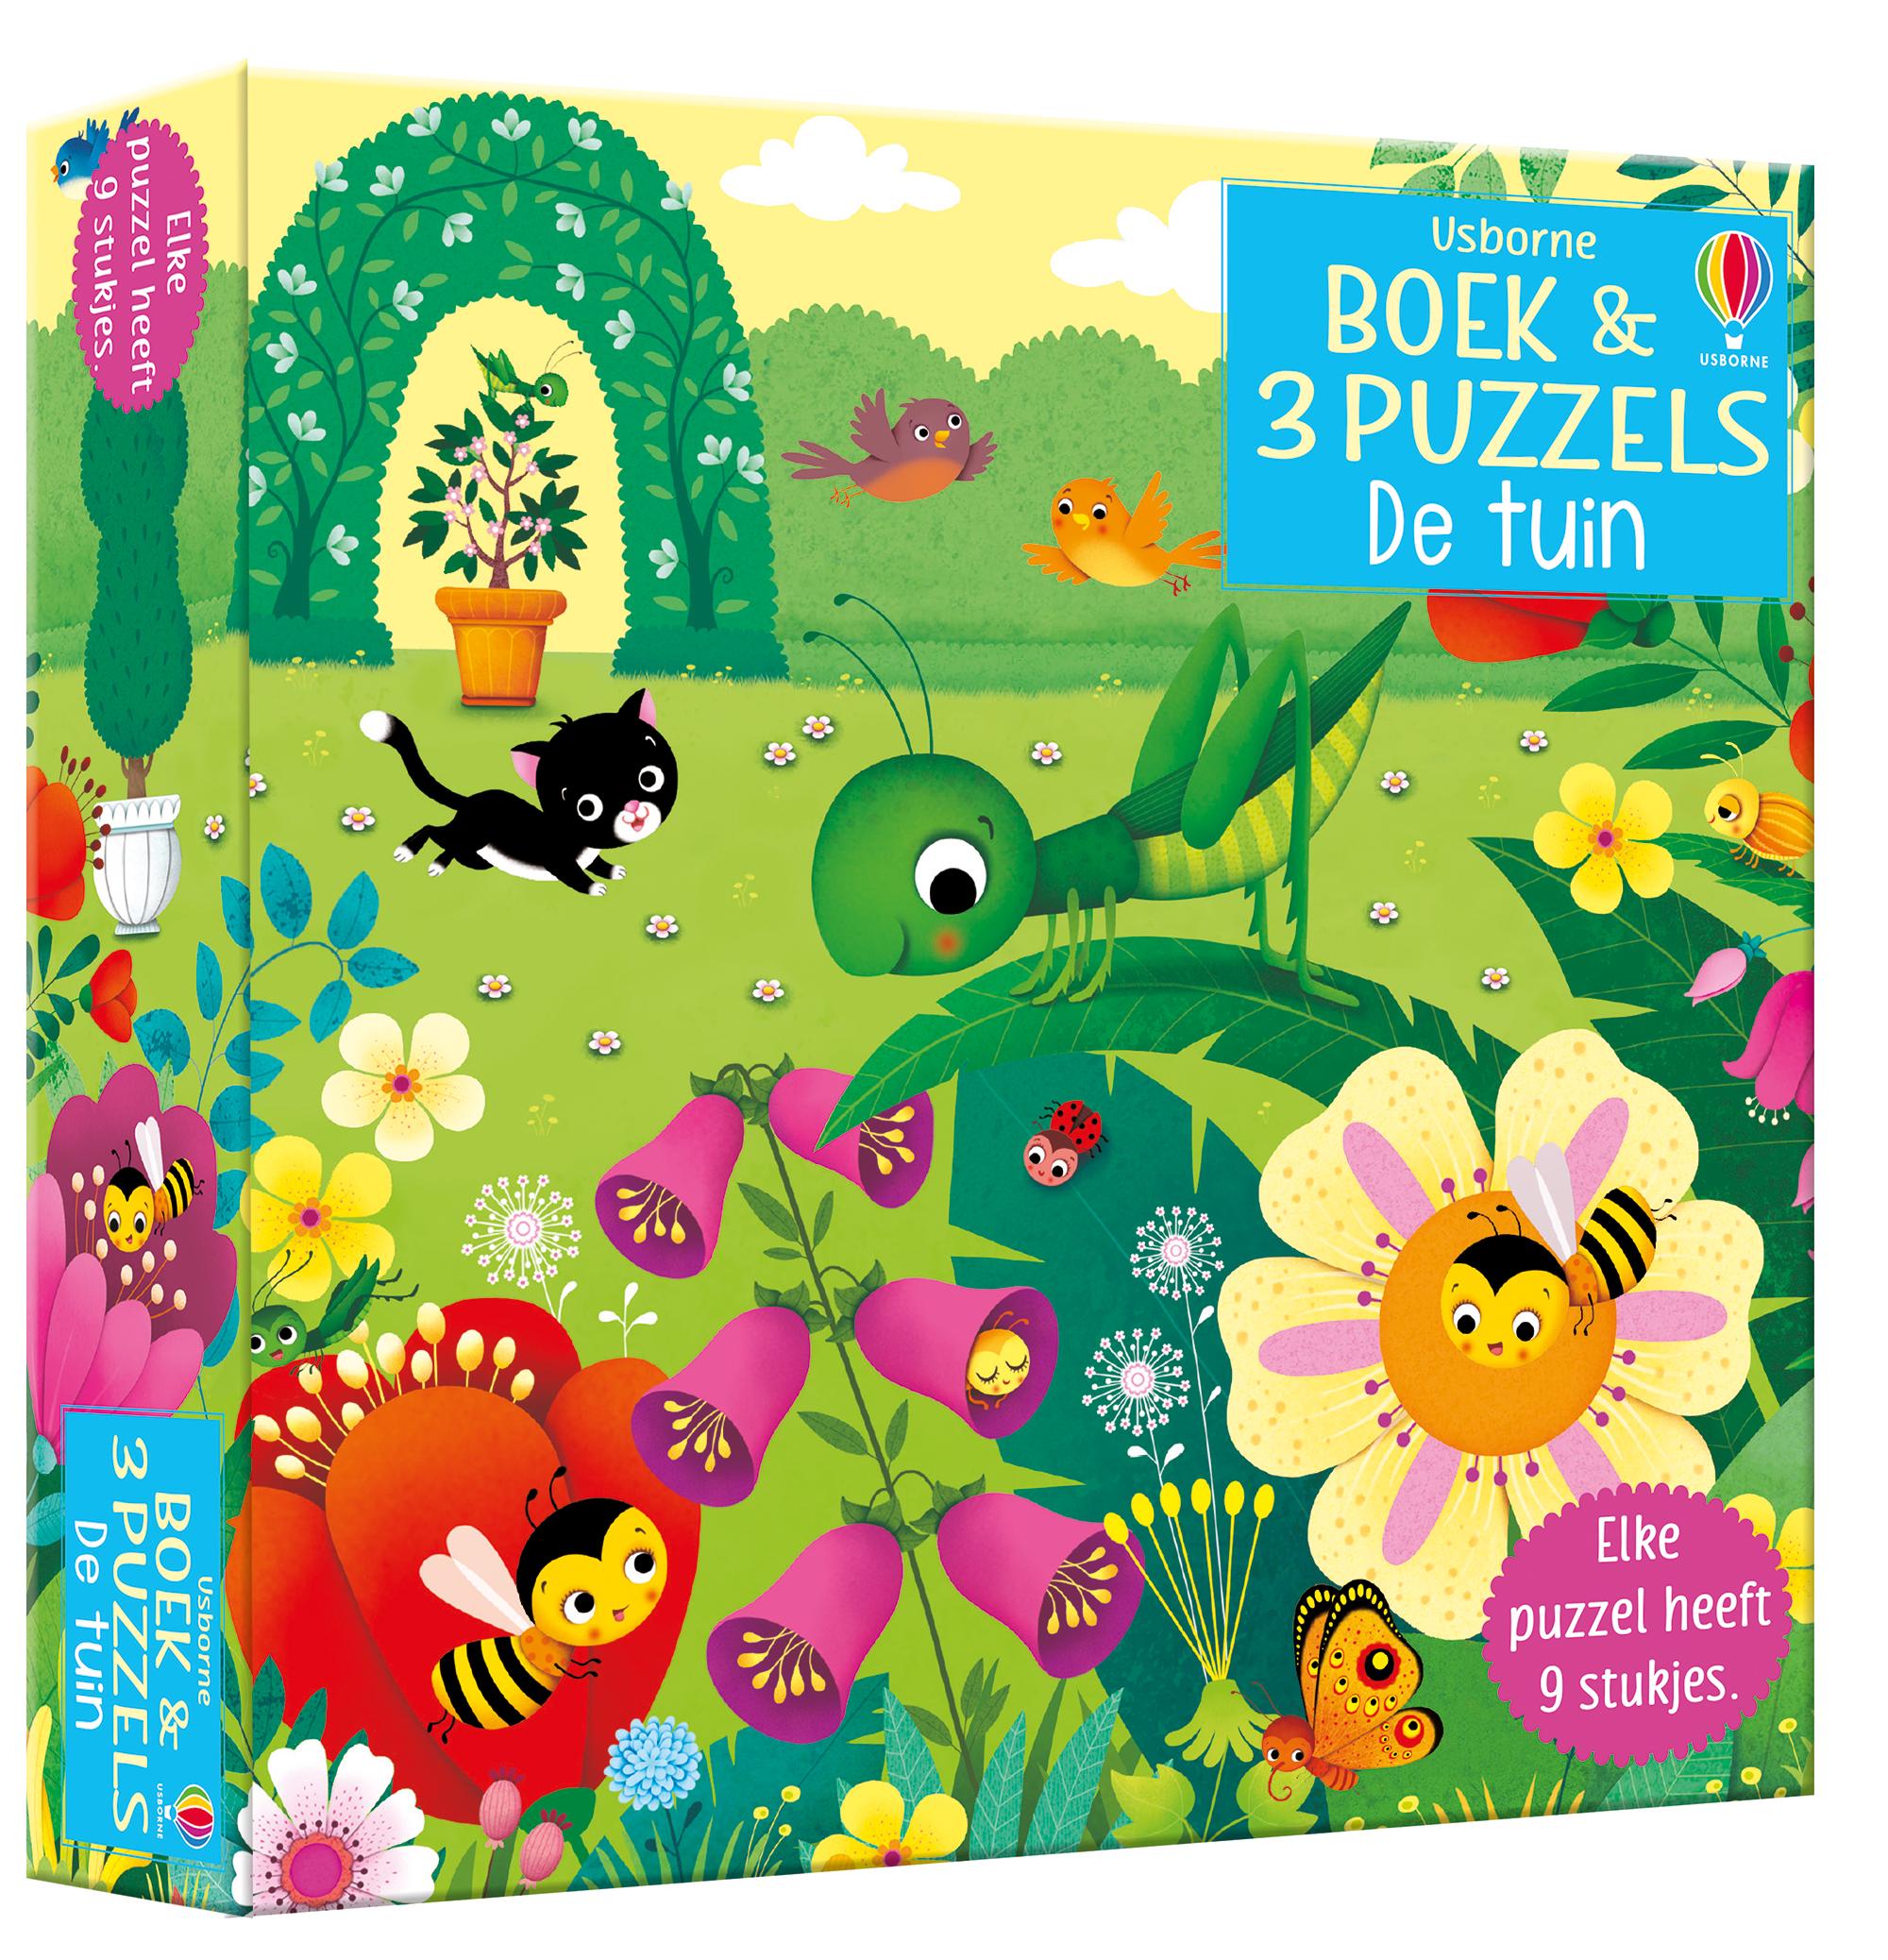 Boek & 3 Puzzels De tuin